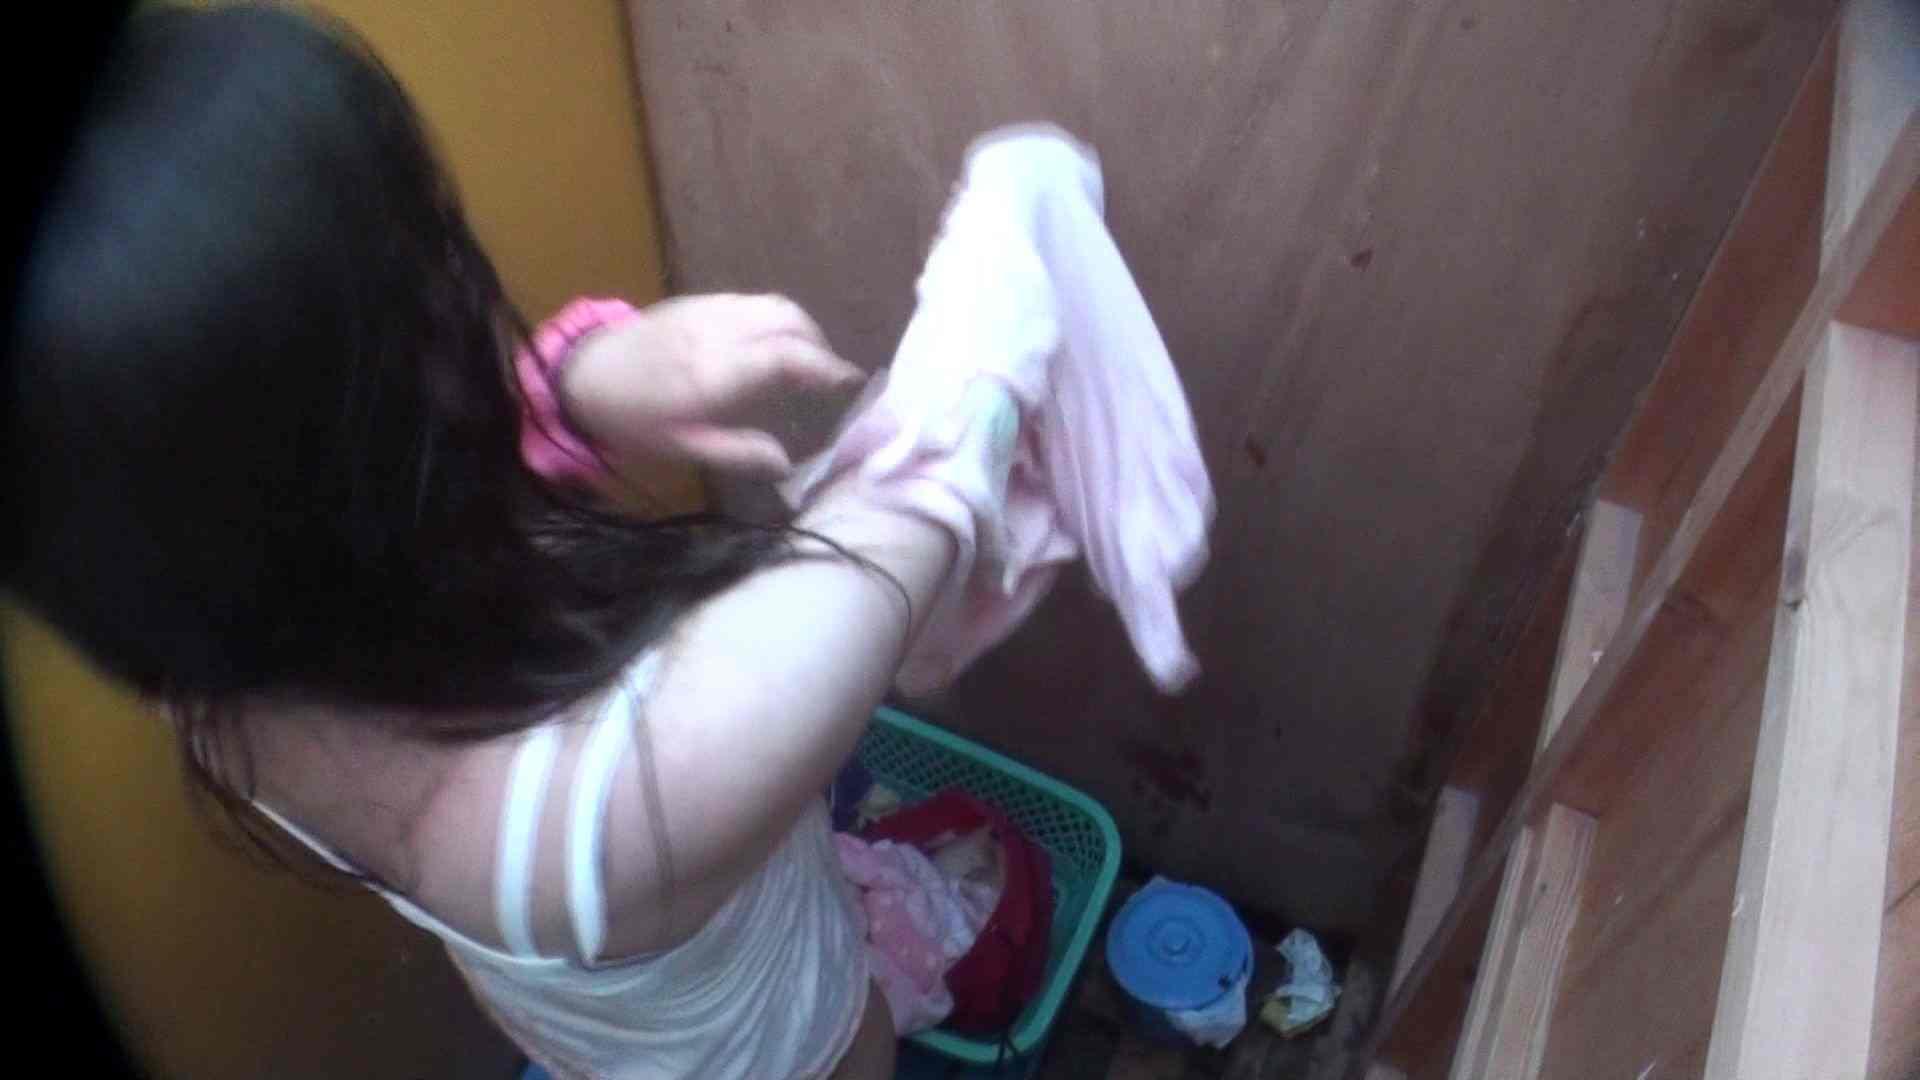 シャワールームは超!!危険な香りVol.13 ムッチムチのいやらしい身体つき シャワー  111pic 102